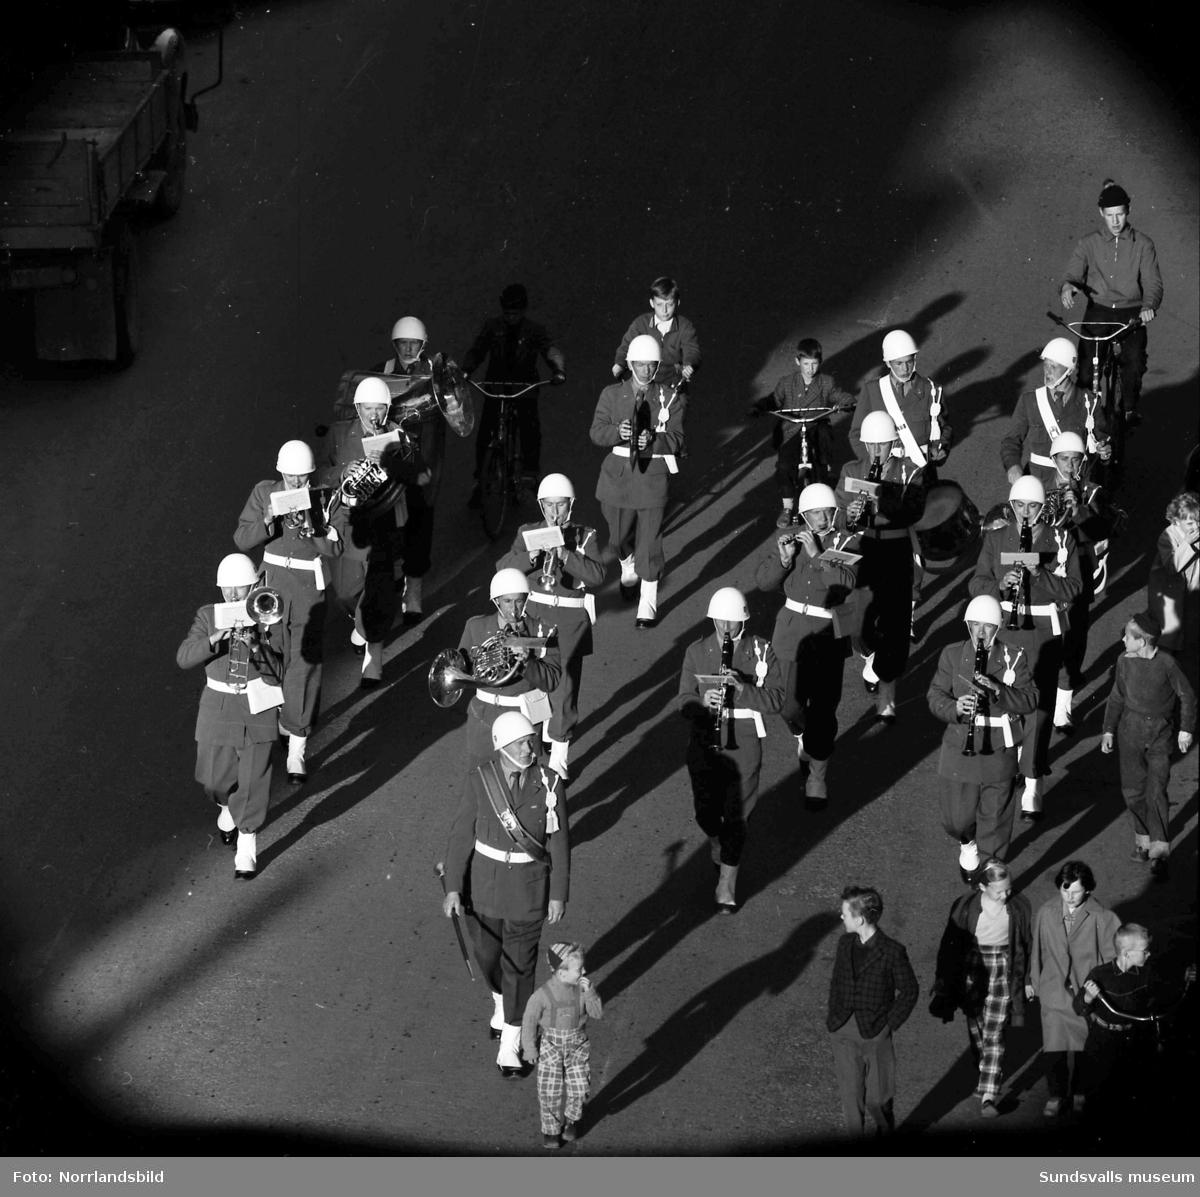 En stor serie bilder från firandet av Svenska flaggans dag 1956. Parad på Storbron med paradorkester, militär, scouter och mängder av olika föreningar och förbund. Därefter högtidlig uppställning i Idrottsparken med bland annat tal, körsång, gymnastikuppvisning och folkmusik.